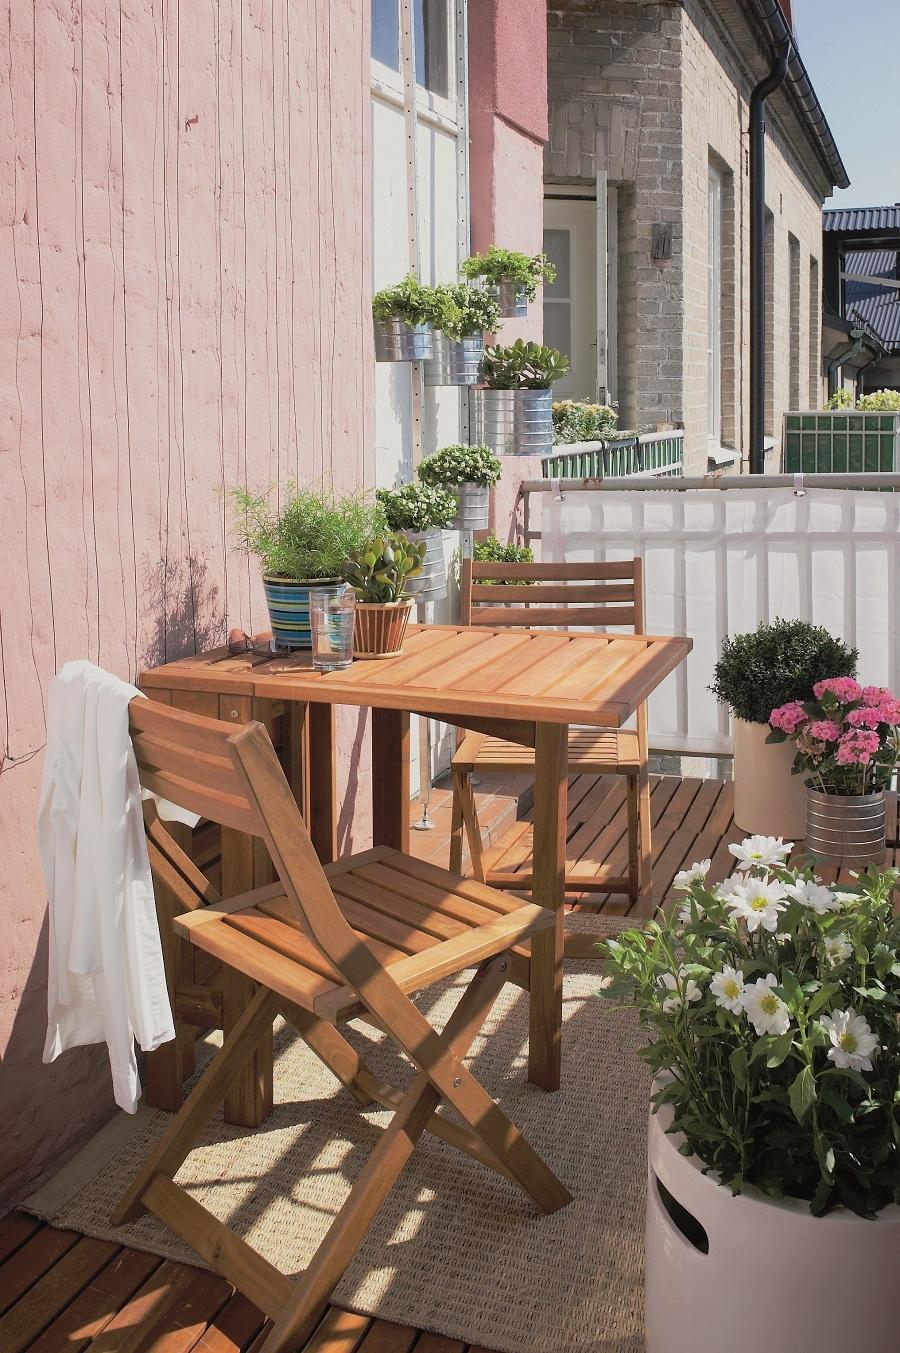 A nech kvitne! Ozdravná kvetinová kúra pomôže každému, aj tomu najsmutnejšiemu. Nemusí však byť len kvitnúca. Svoje miesto si tu môžu nájsť aj bylinky či sukulenty. Pamätajte ale na svetovú orientáciu vašej bytovej záhrady a podľa nej si vyberajte krásky na balkónovú módnu prehliadku. Ak pestujete menej nápadné rastliny, použite kvetináče vo výraznejších farbách. (foto: IKEA)